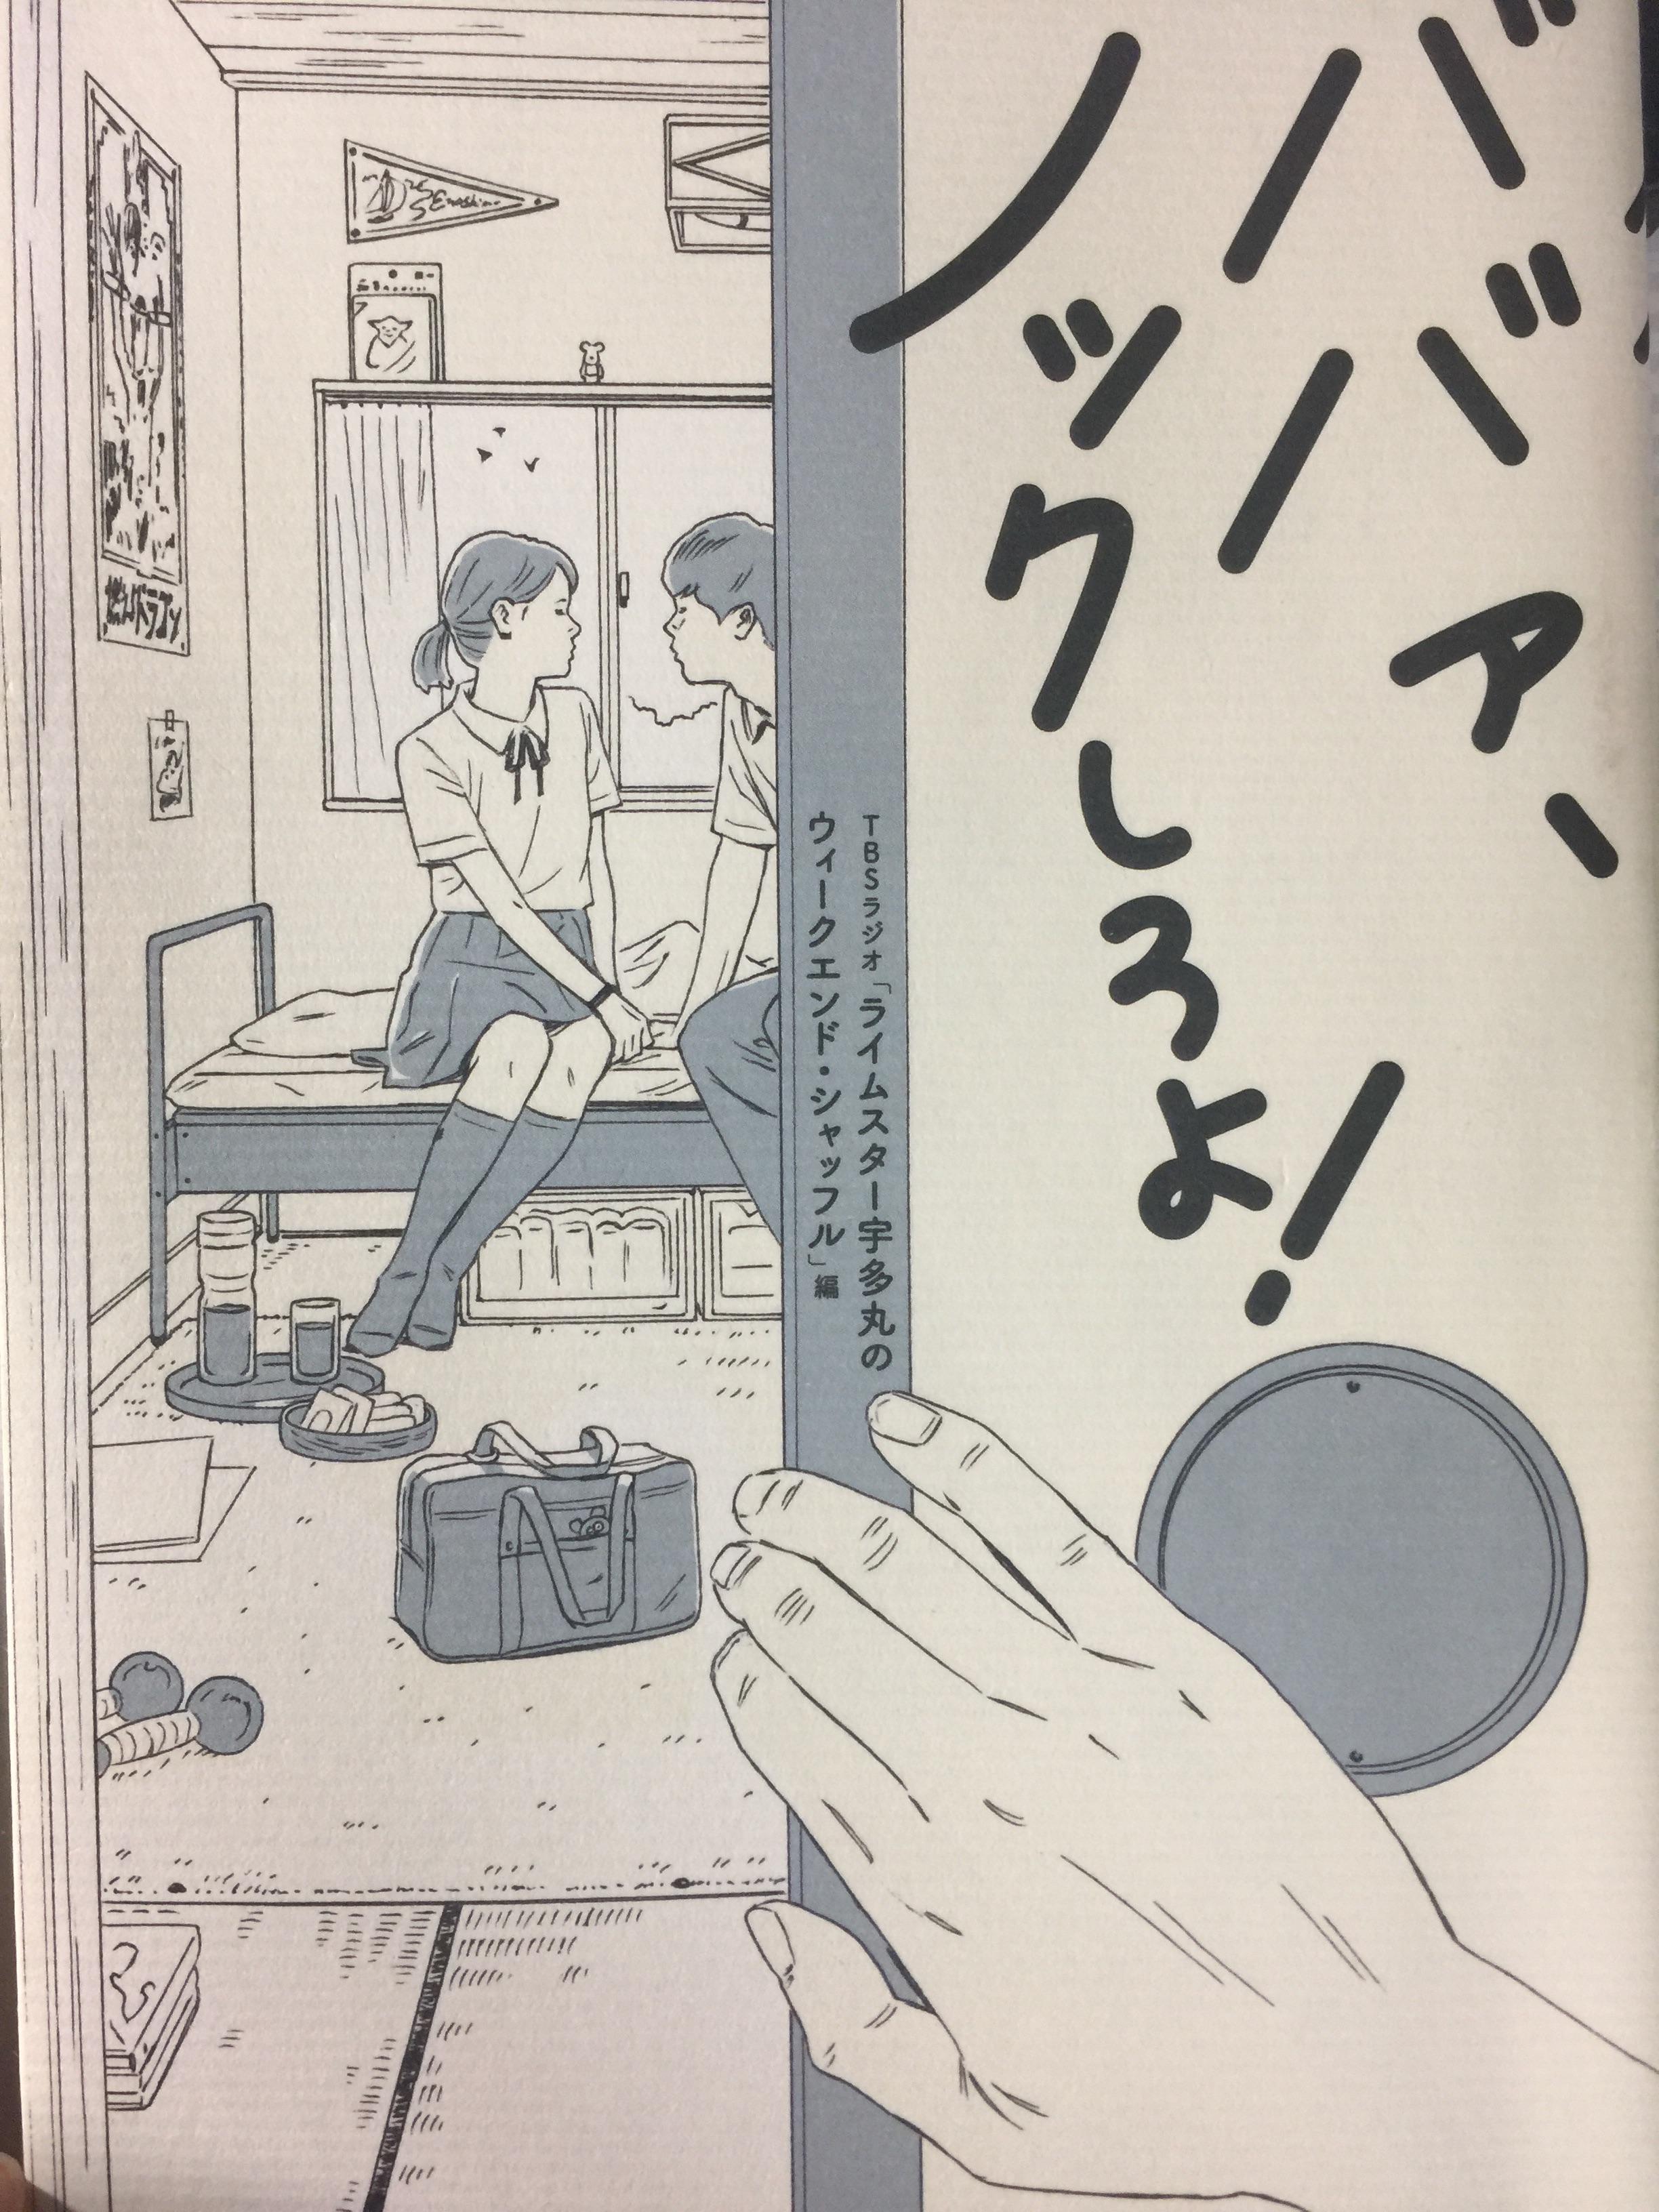 『ババァ、ノックしろよ』 ブックデザイン 佐藤亜沙美